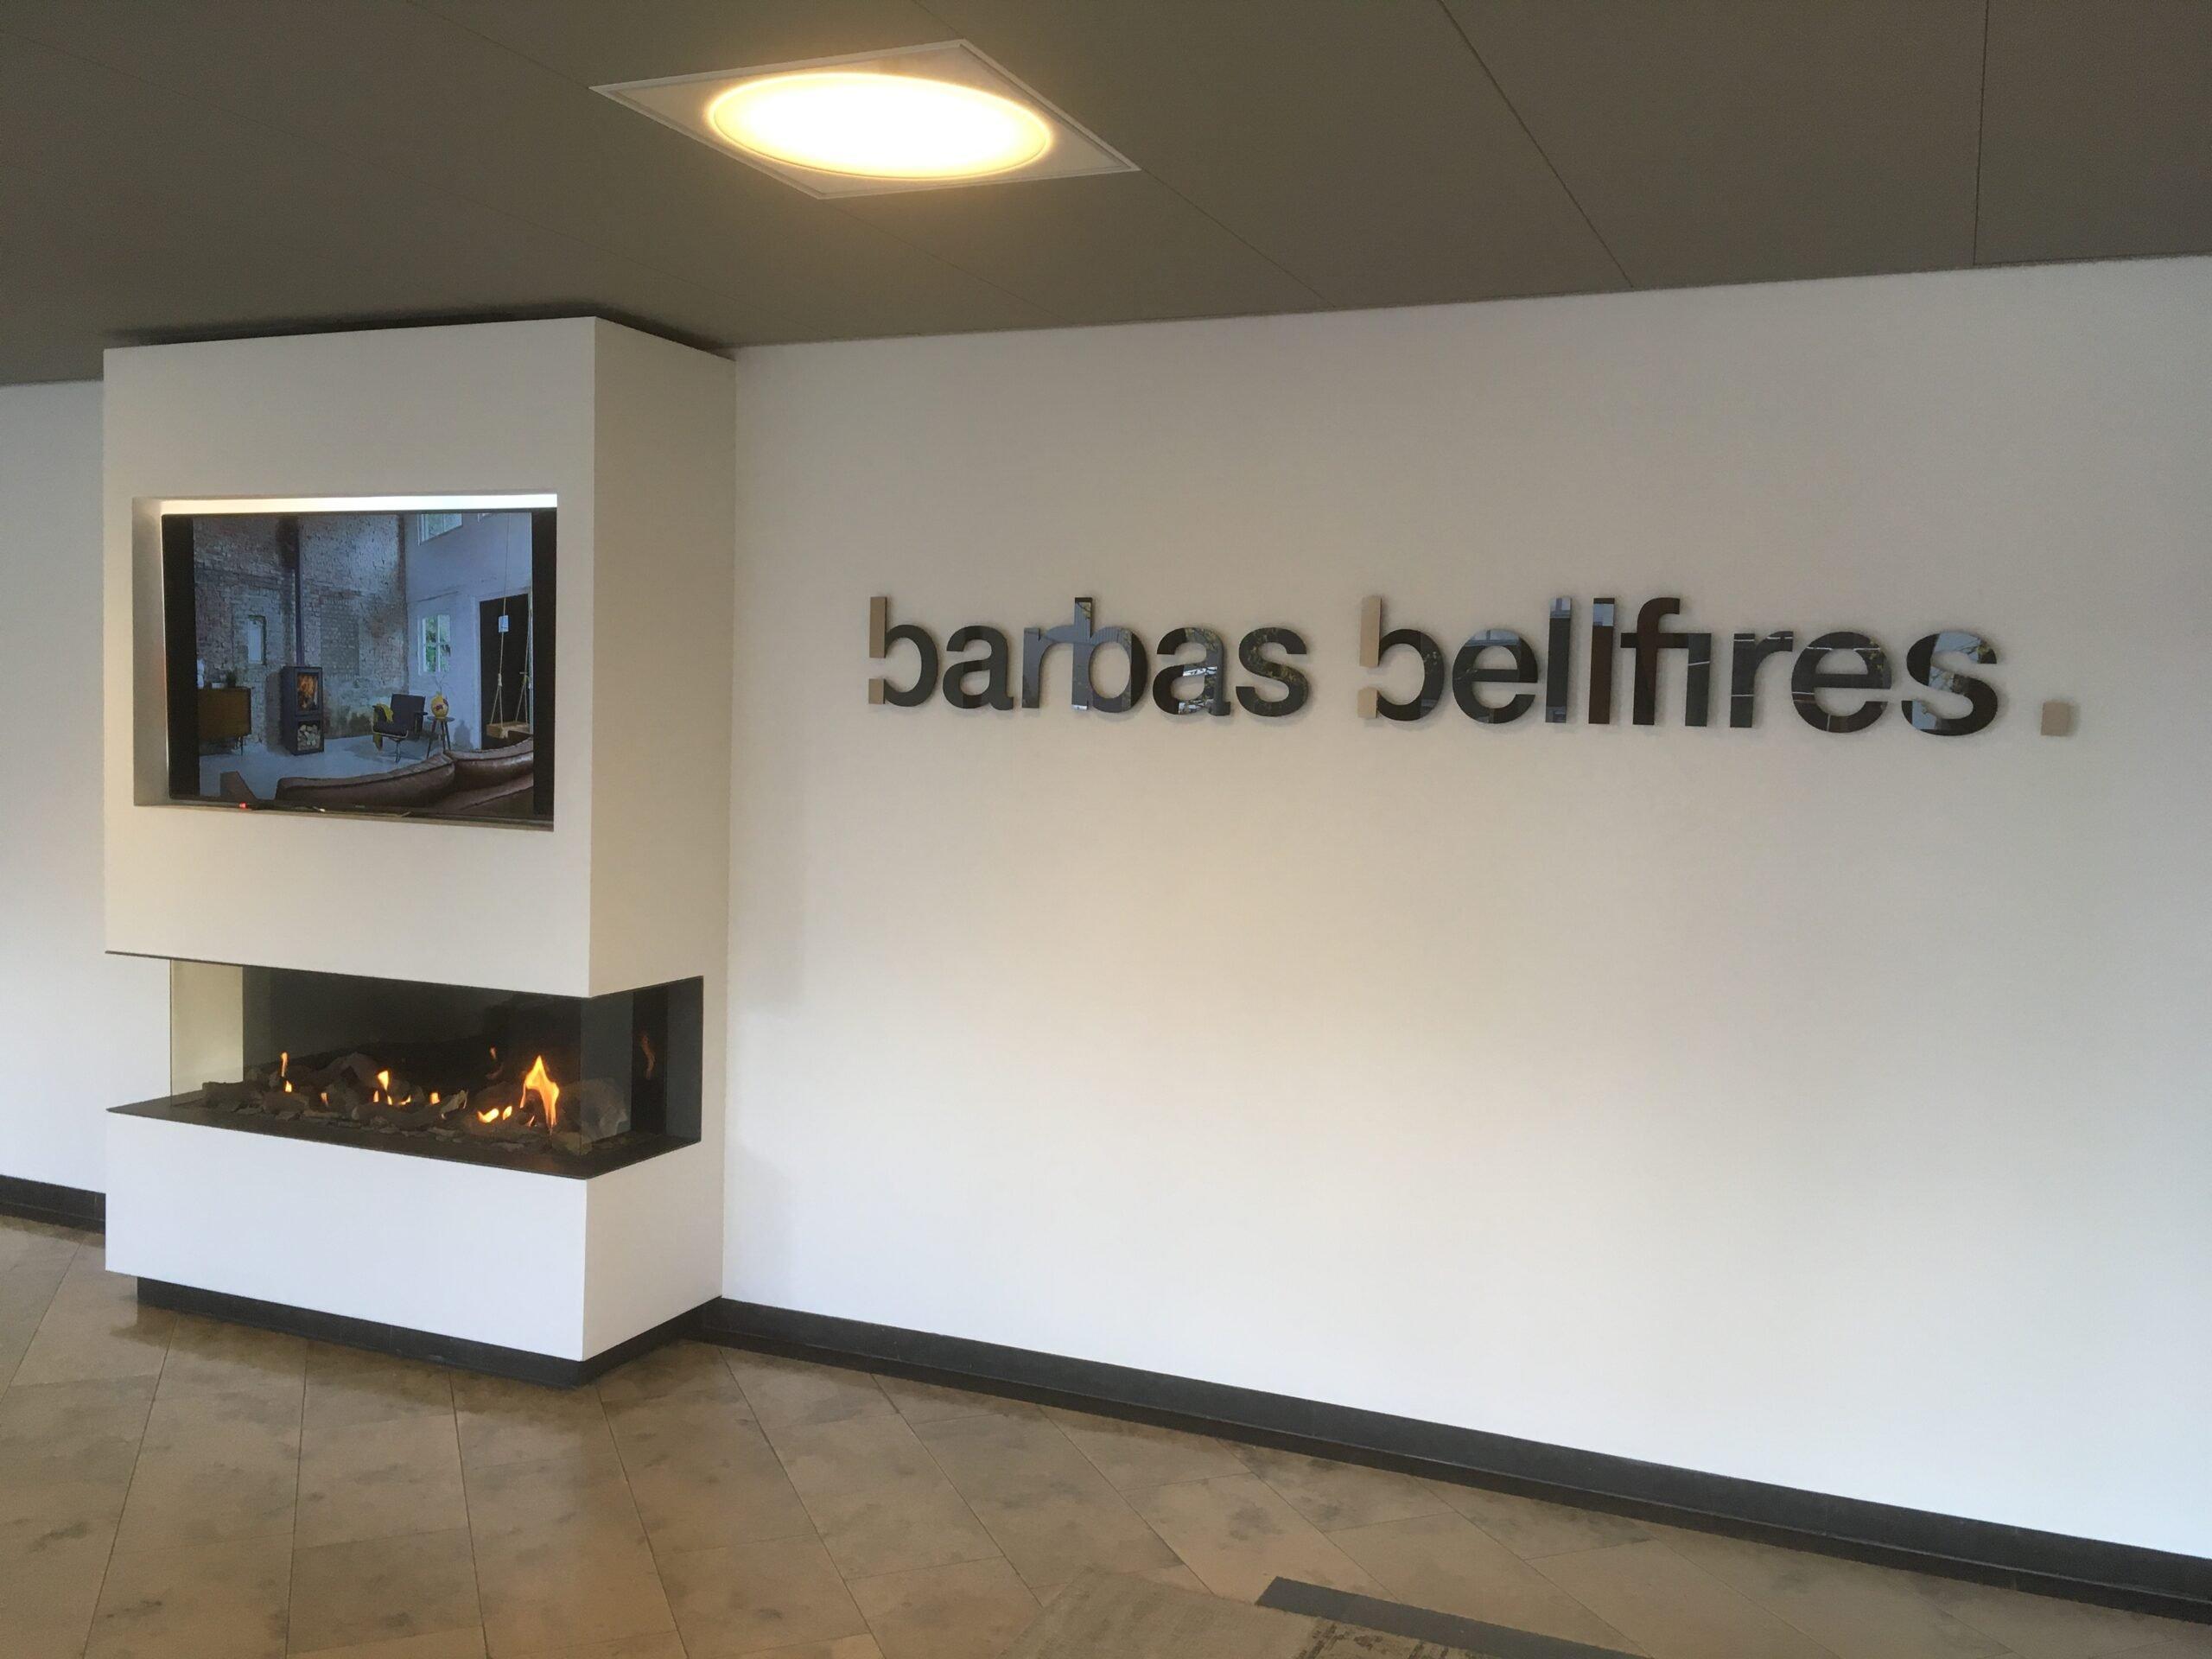 3 Freesletters Barbas bellfires